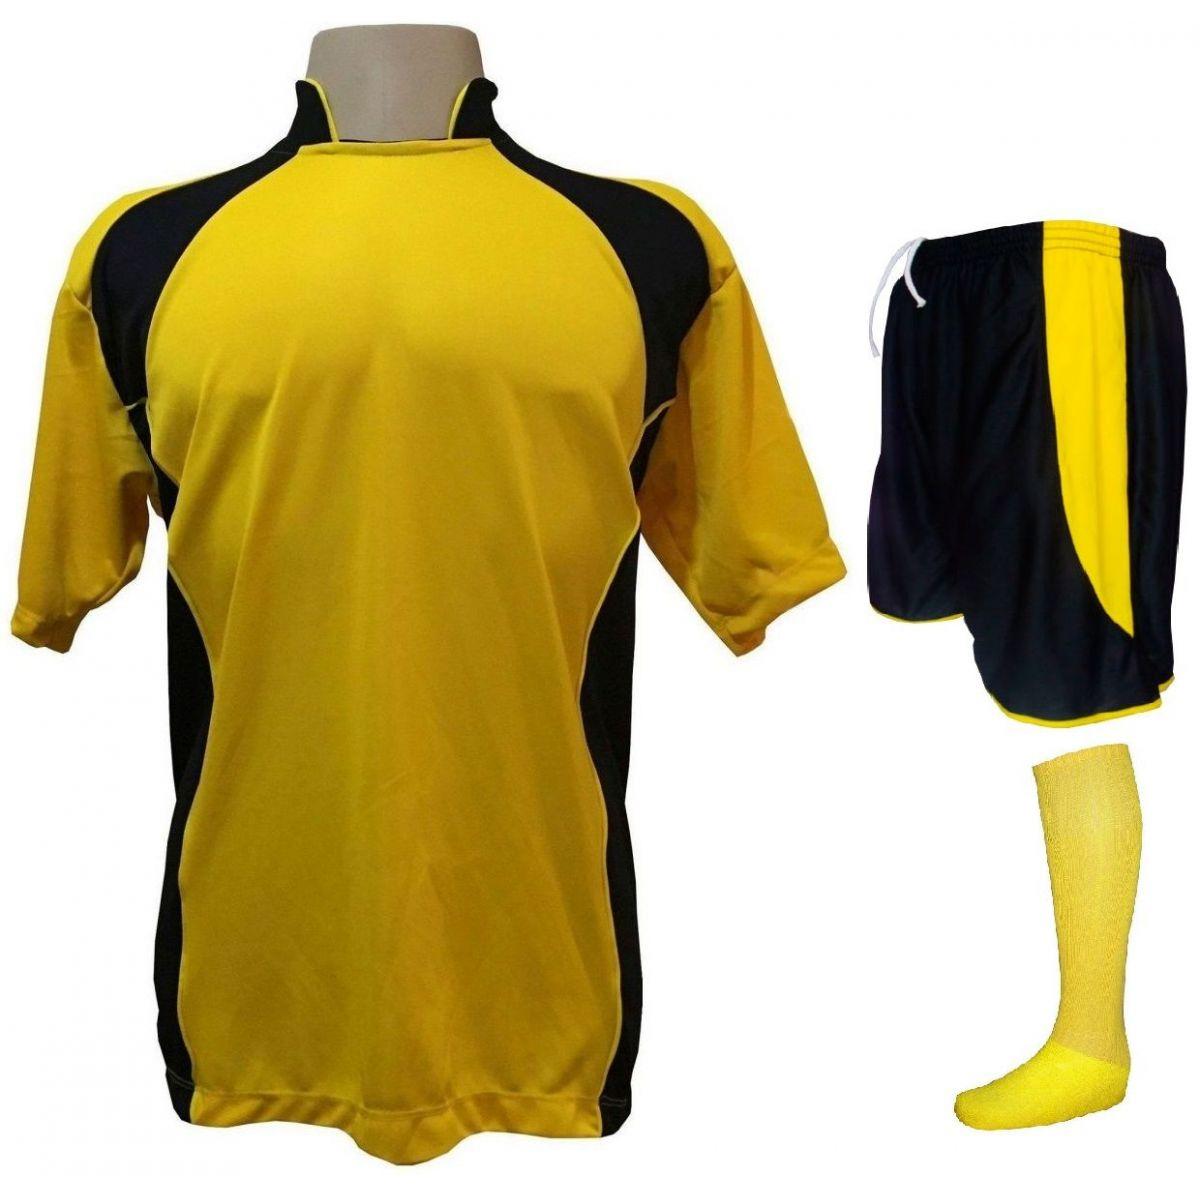 Uniforme Esportivo com 14 camisas modelo Suécia Amarelo Preto + 14 calções  modelo Copa Preto ... 74dfbe586877c